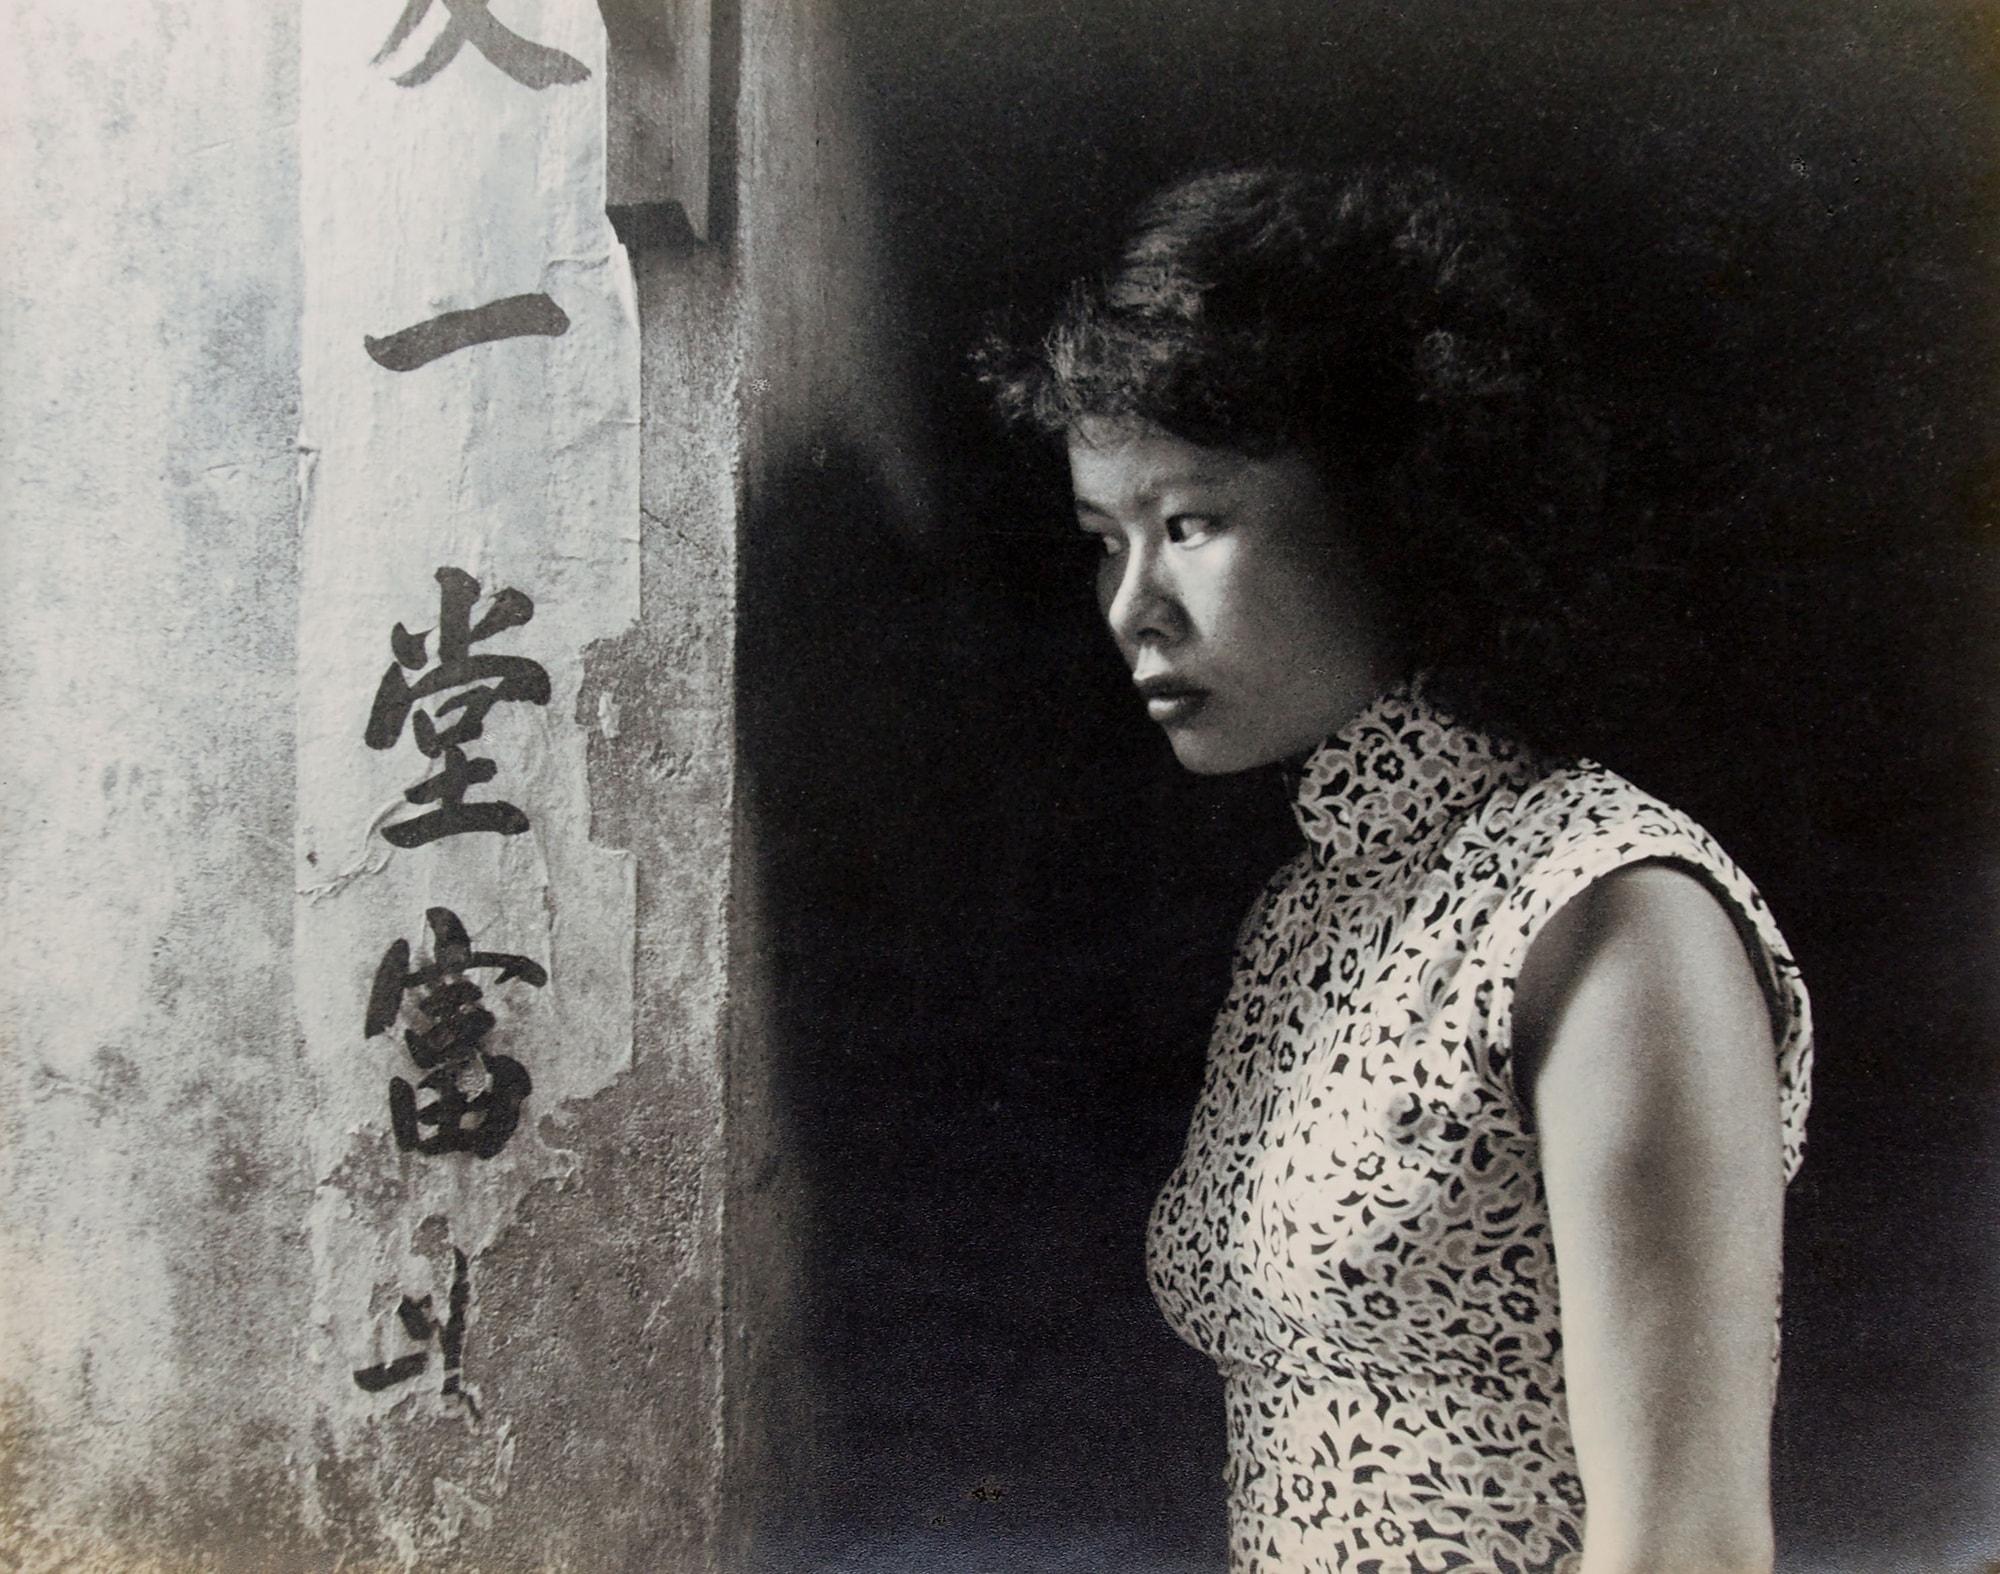 台北のギャラリーが台湾と日本の巨匠の展示を開催 | Teng NanKuang, A Girl of Back Alley, 1960's, gelatin silver print 30 x 37.8 cm signed and titled in Chinese and English on verso